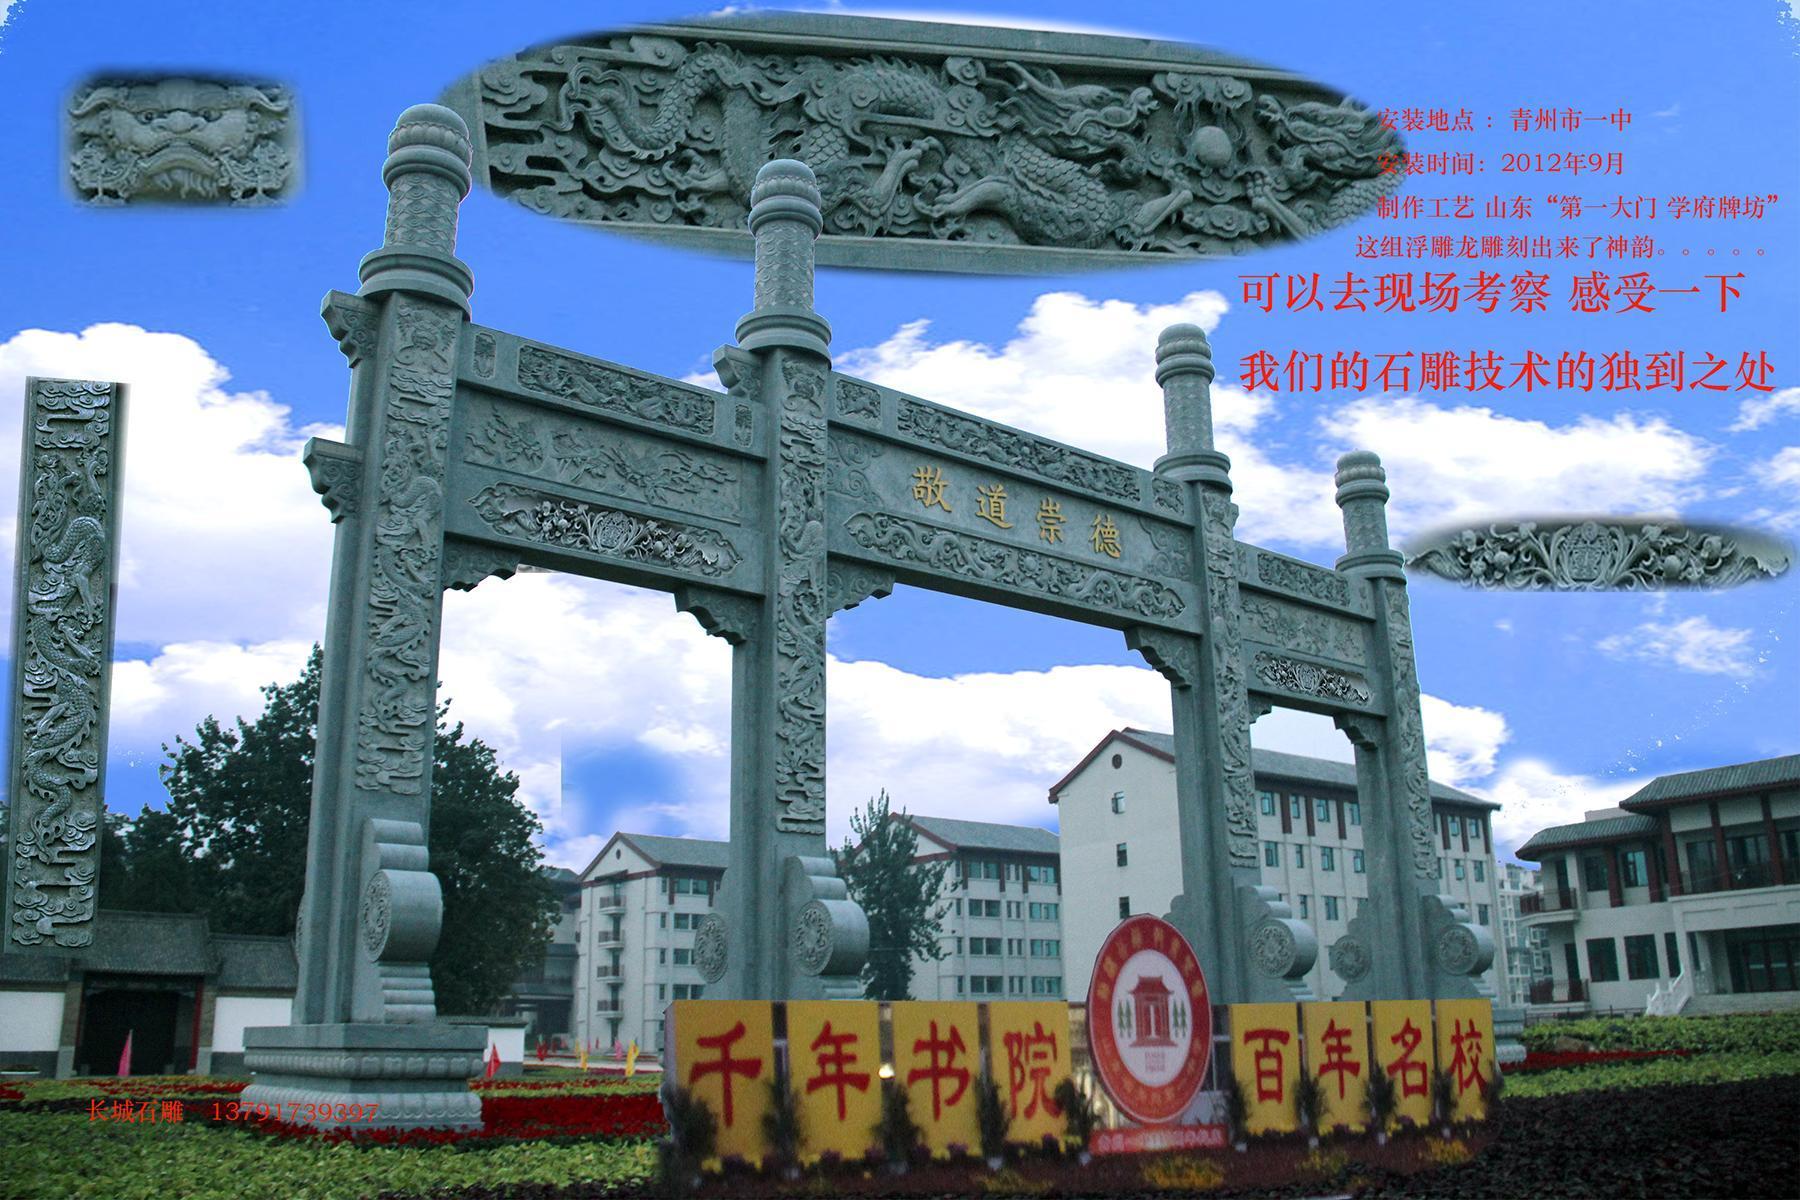 我厂是中国第一专业雕刻以及设计牌坊。